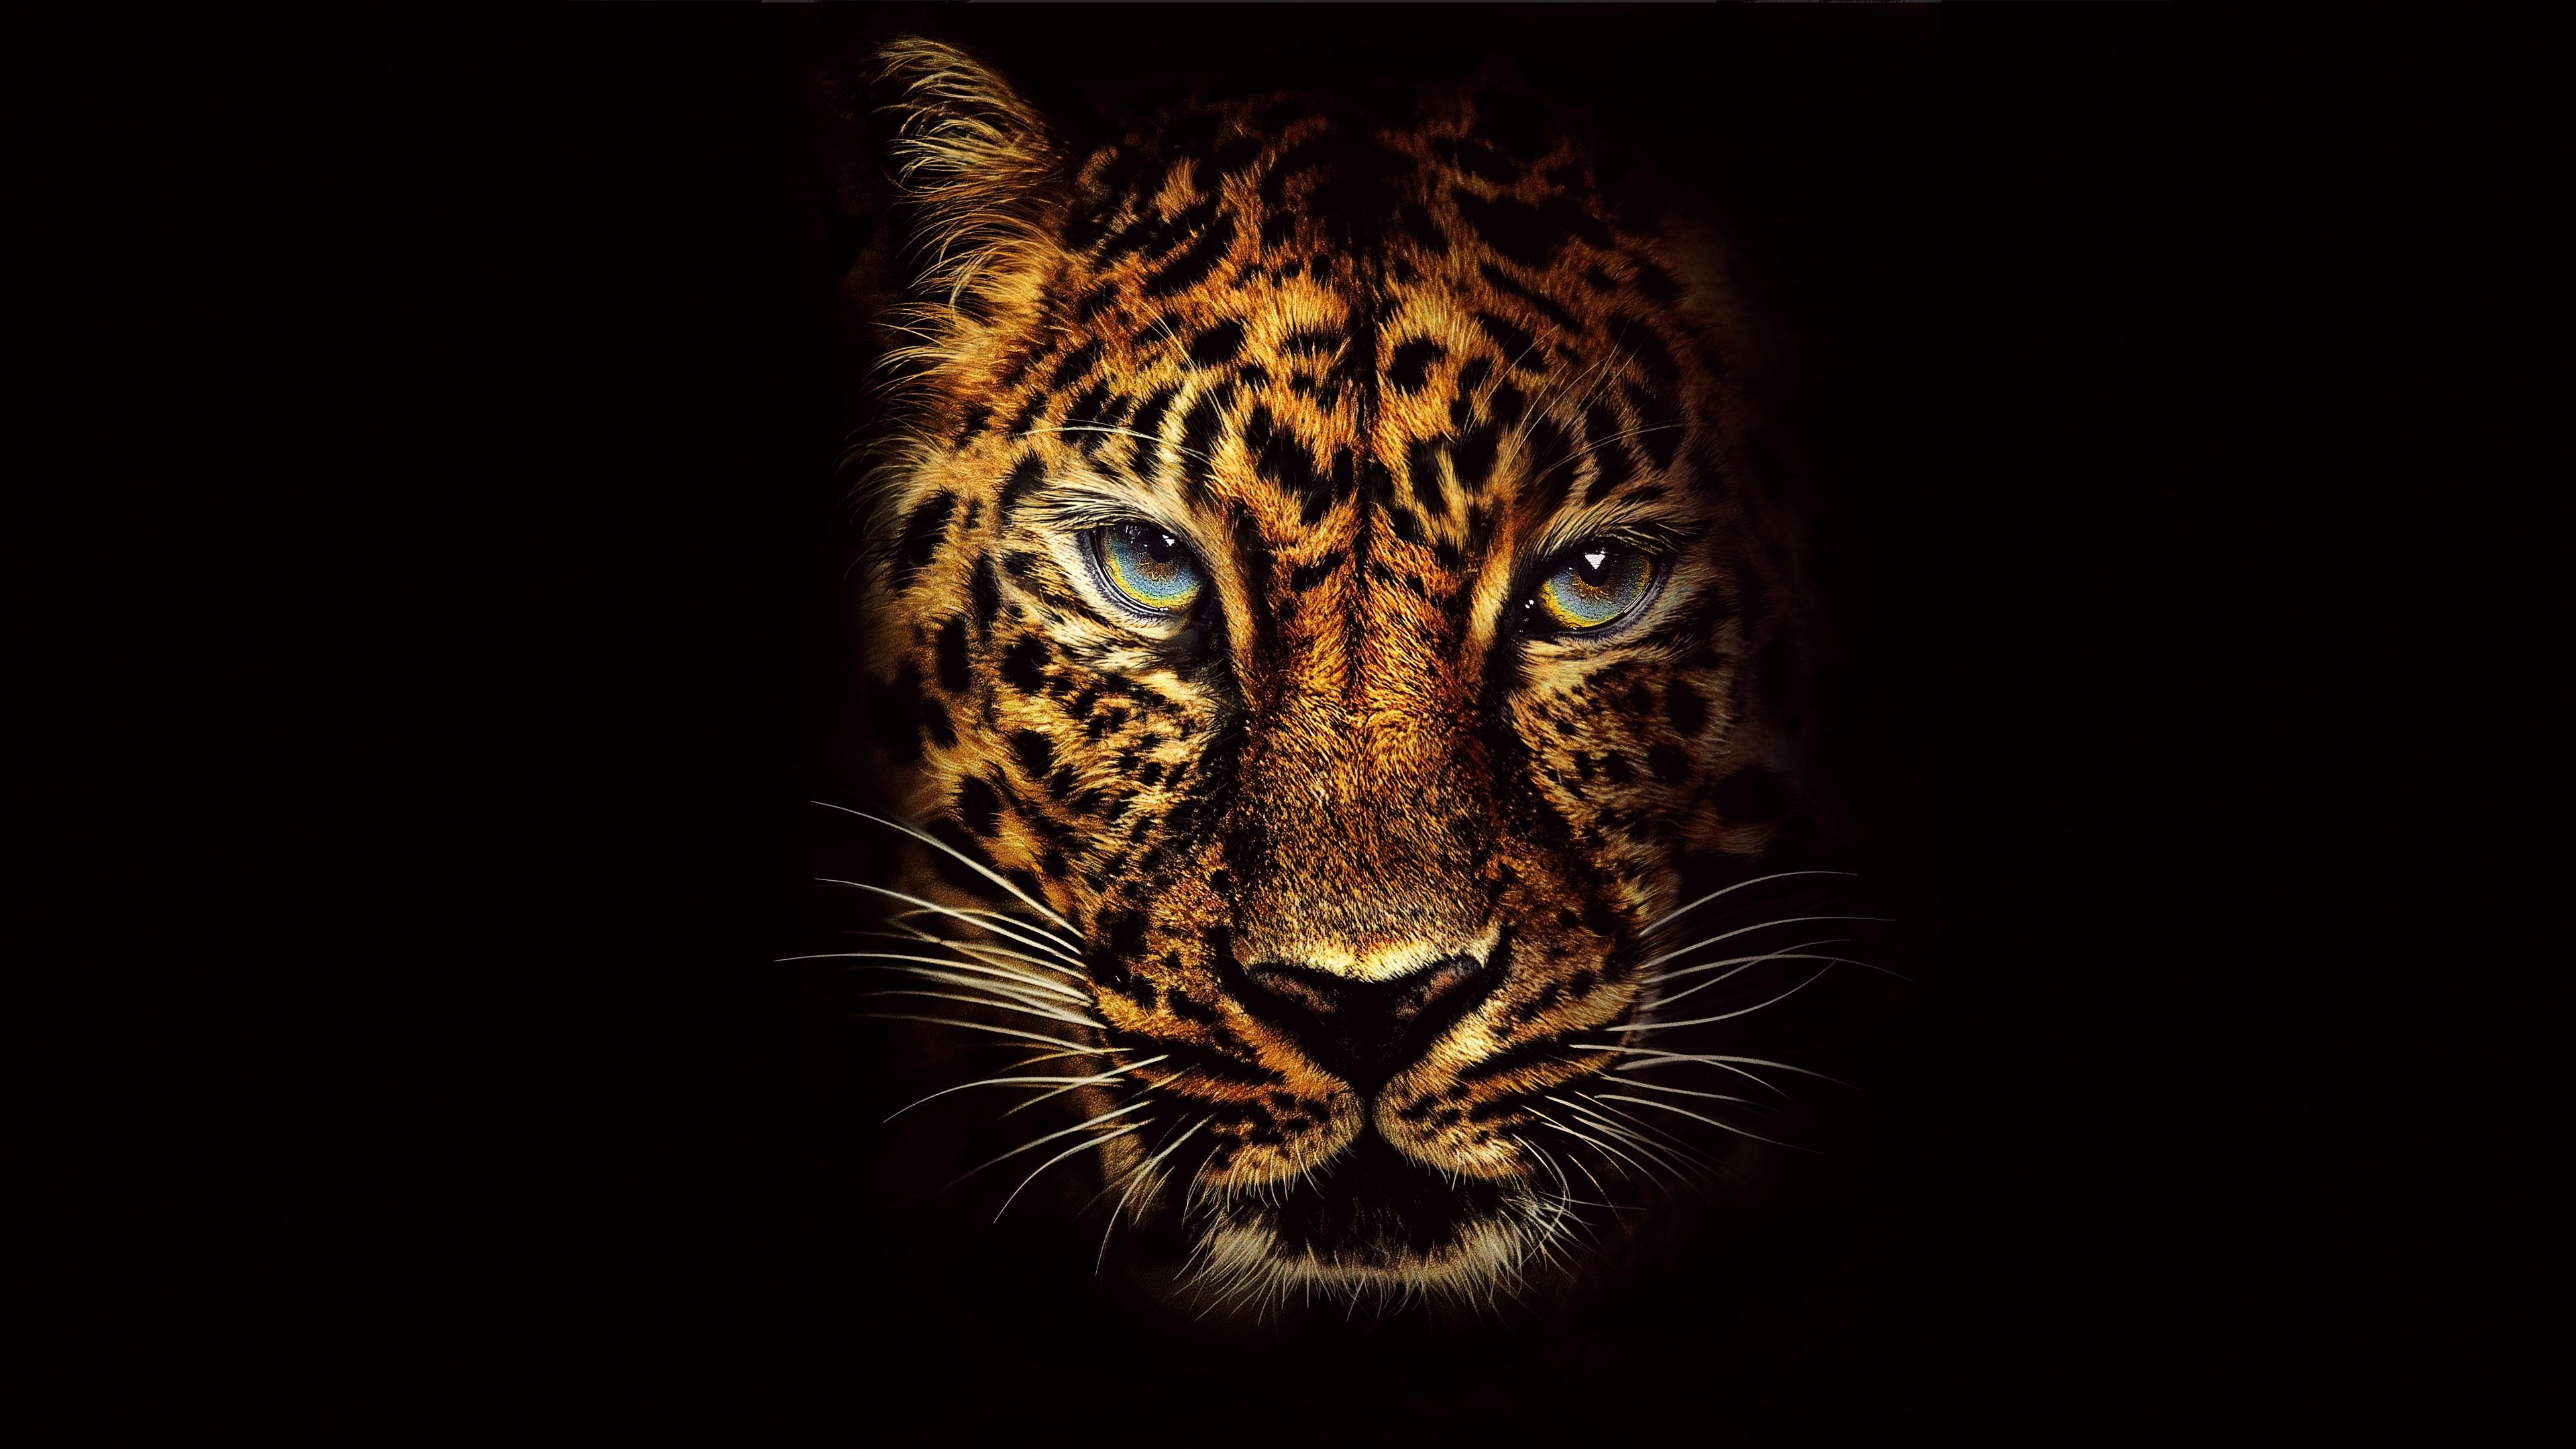 Download Wallpaper Aquarium 3d Jaguar In Jumanji Welcome To The Jungle 4k 8k Wallpapers